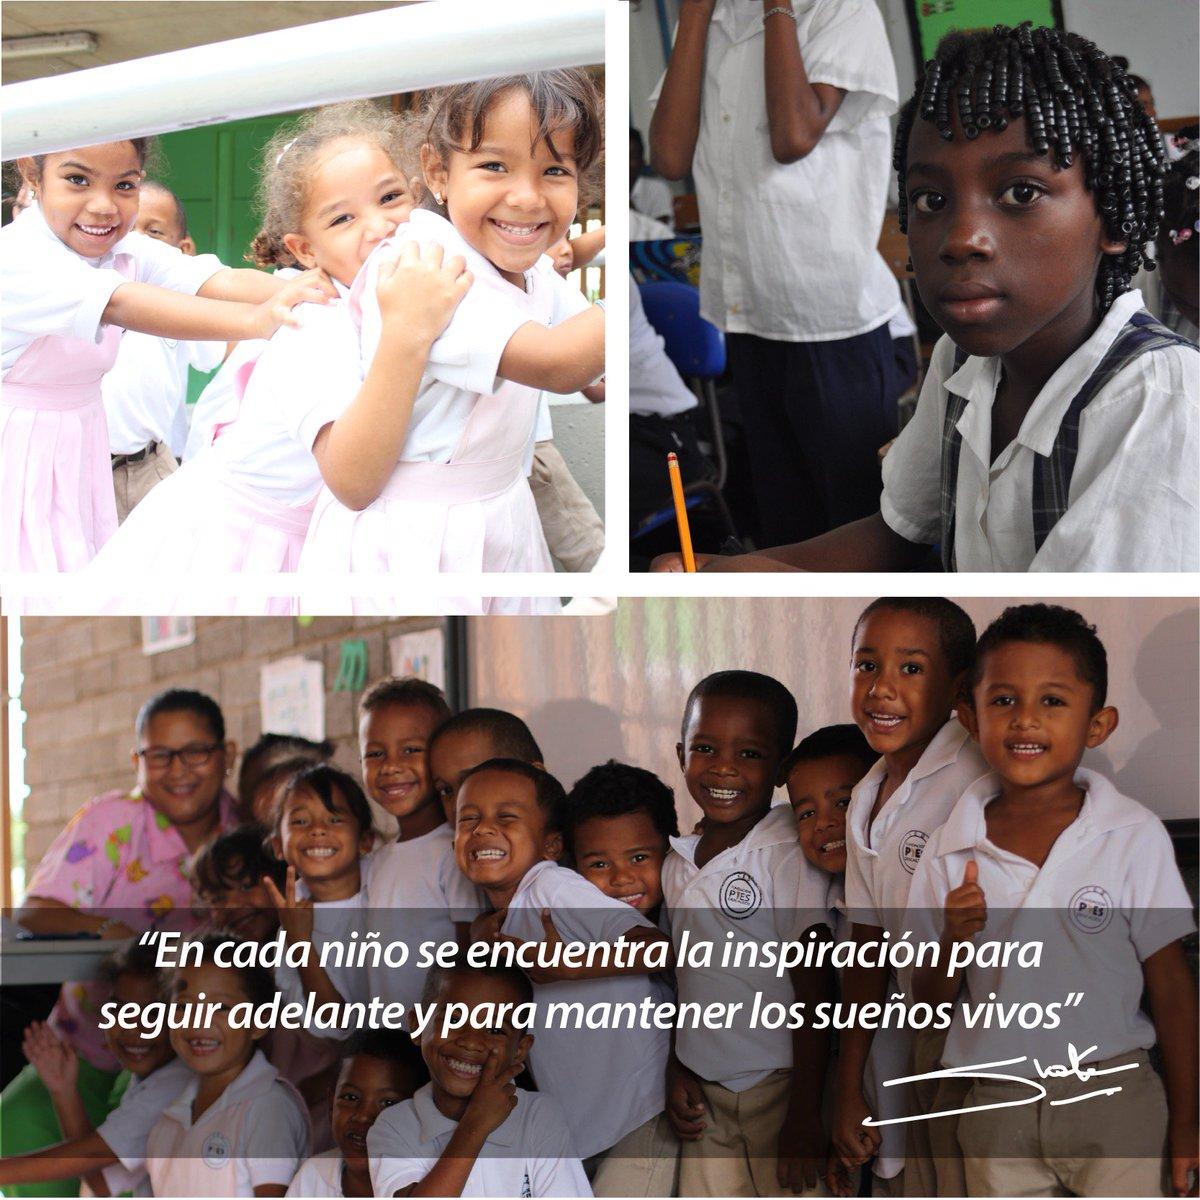 #FelizDiaDelNiño La educación es la escalera que nos permite alcanzar nuestros sueños! https://t.co/tzjMmBtqly